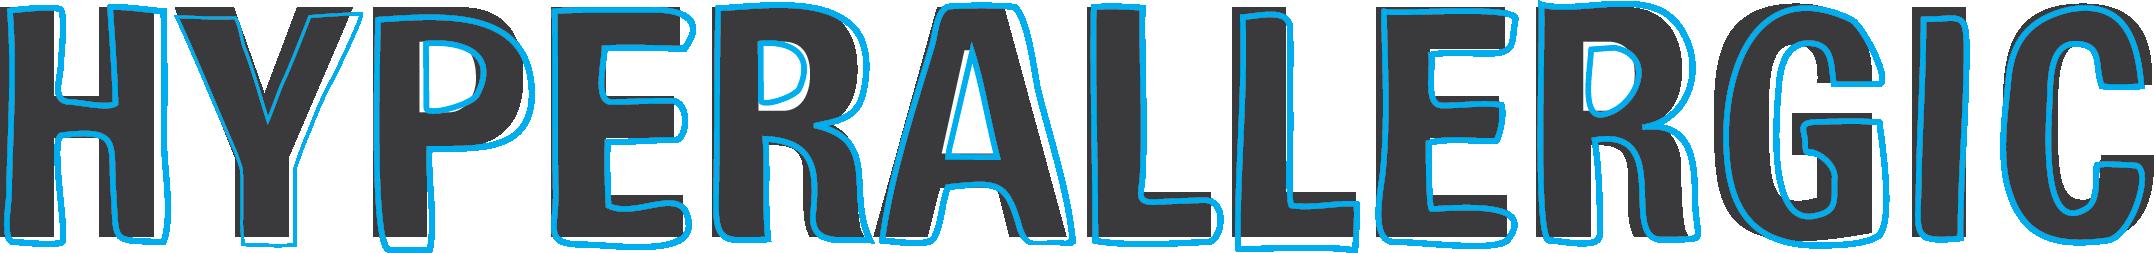 hyperallergic-logo